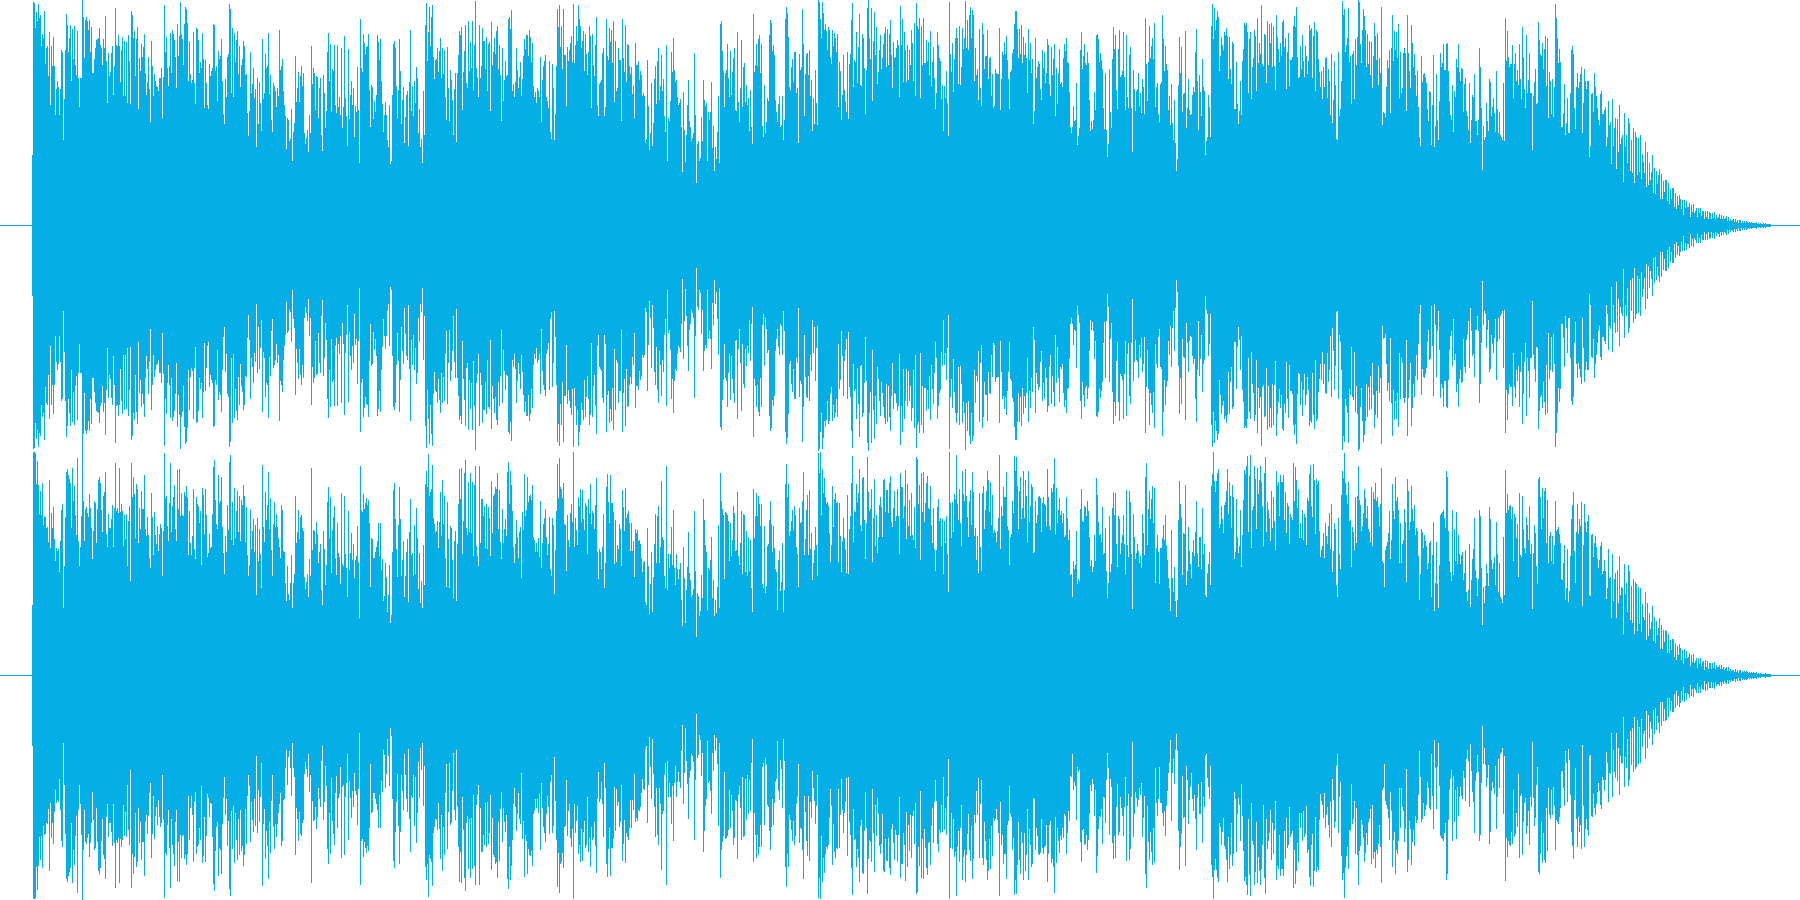 沖縄風で祭囃子のようなBGMの再生済みの波形